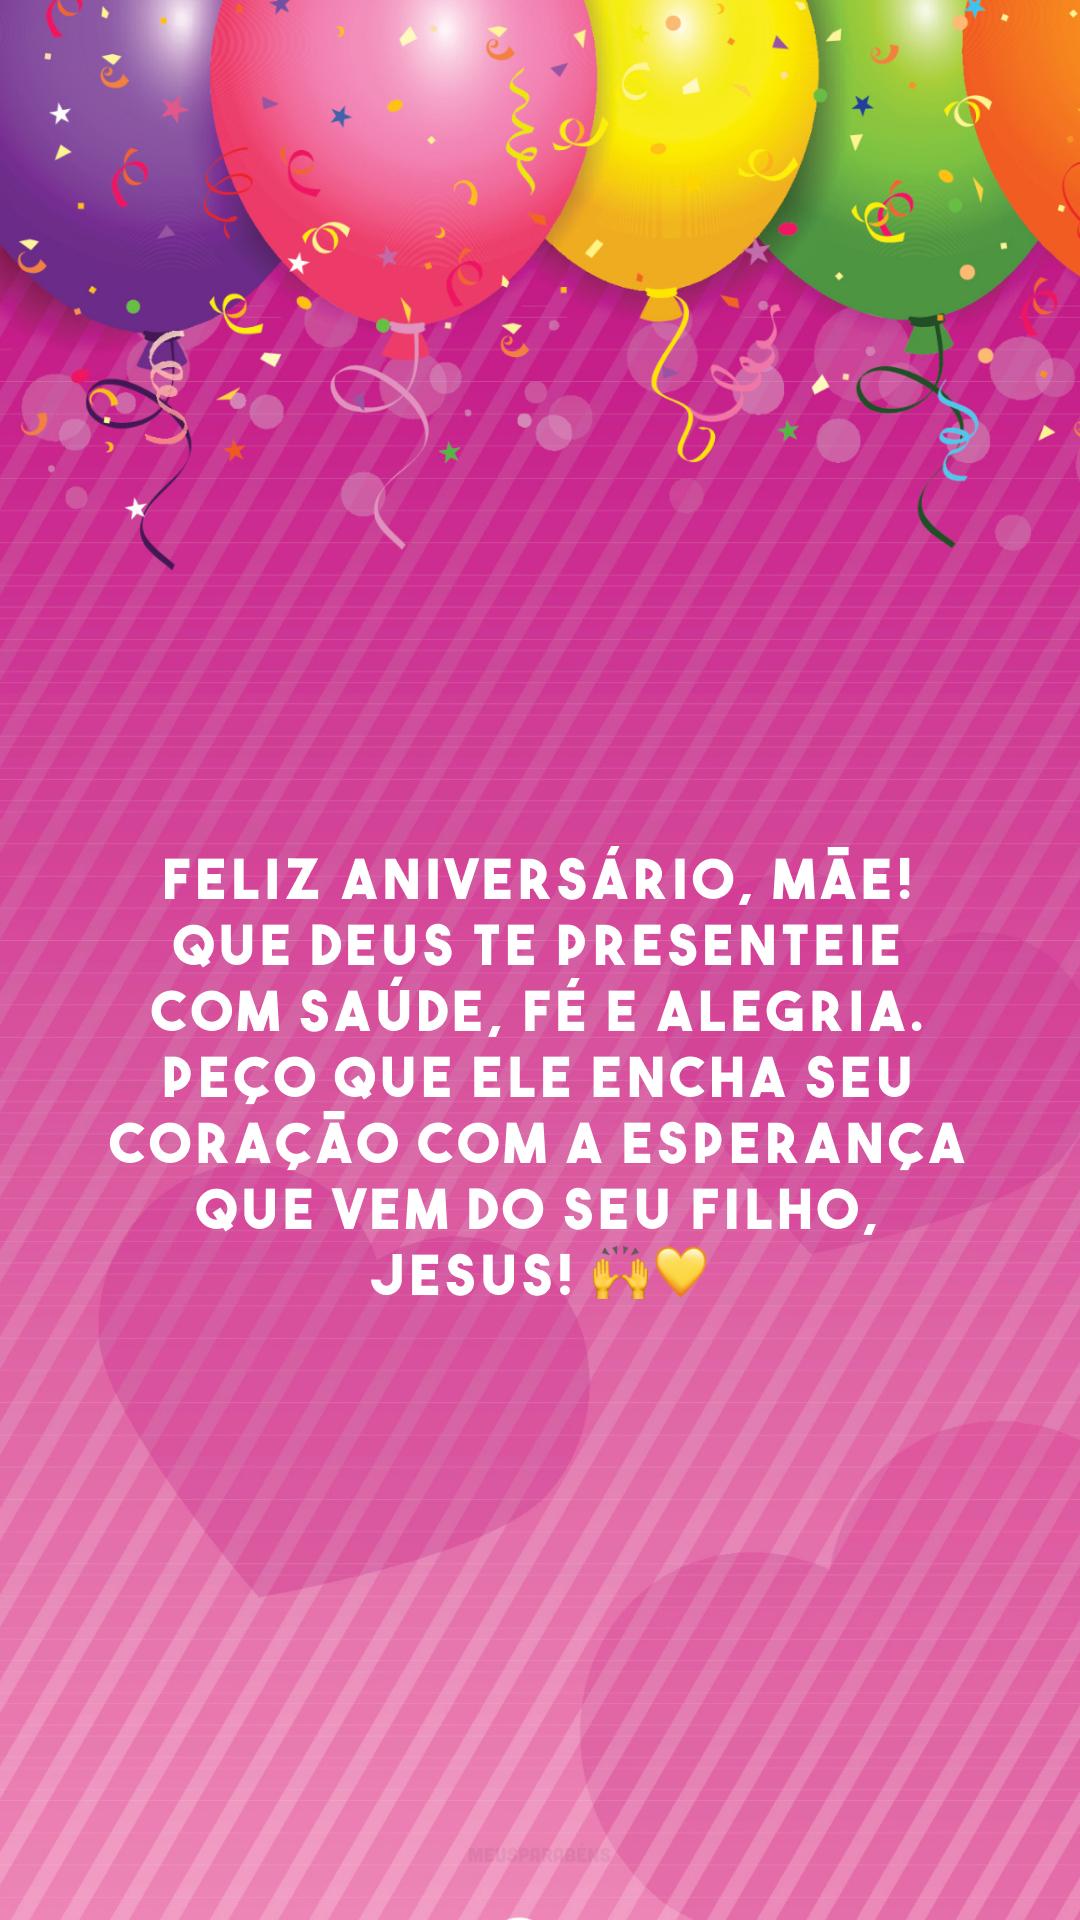 Feliz aniversário, mãe! Que Deus te presenteie com saúde, fé e alegria. Peço que Ele encha seu coração com a esperança que vem do seu filho, Jesus! 🙌💛